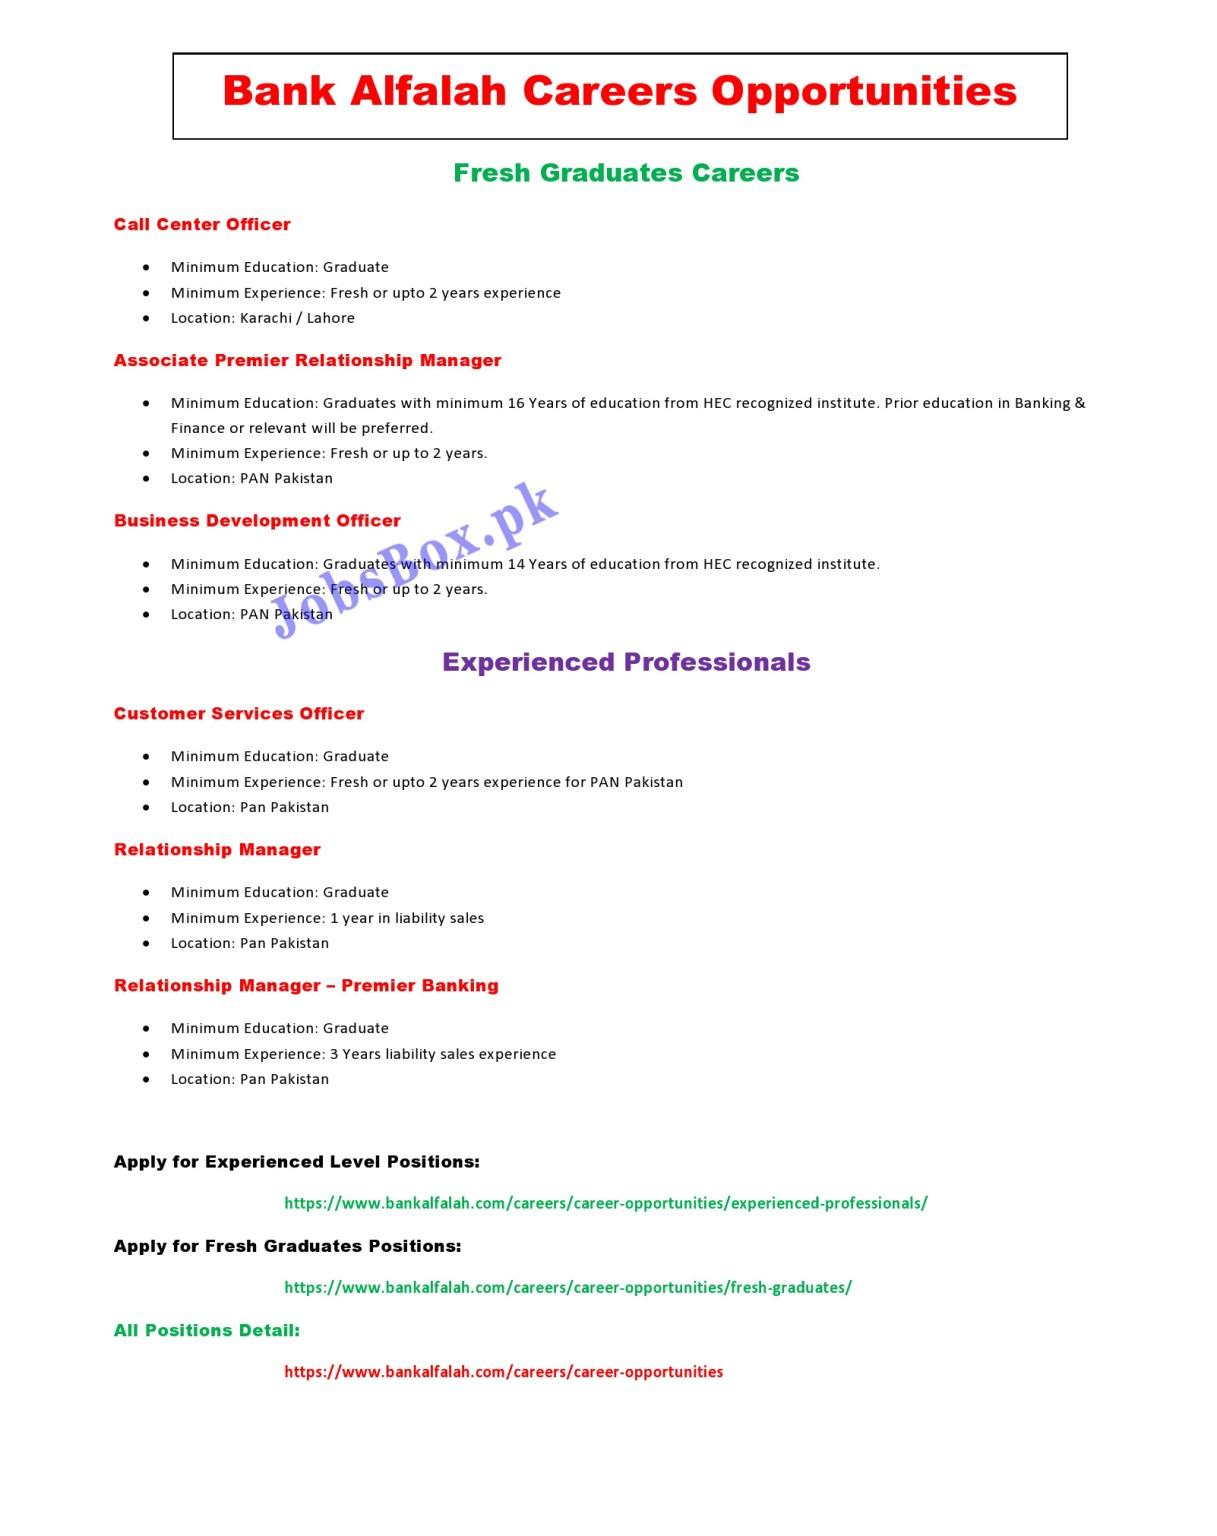 www.bankalfalah.com Jobs 2021 - Bank Alfalah Jobs 2021 in Pakistan